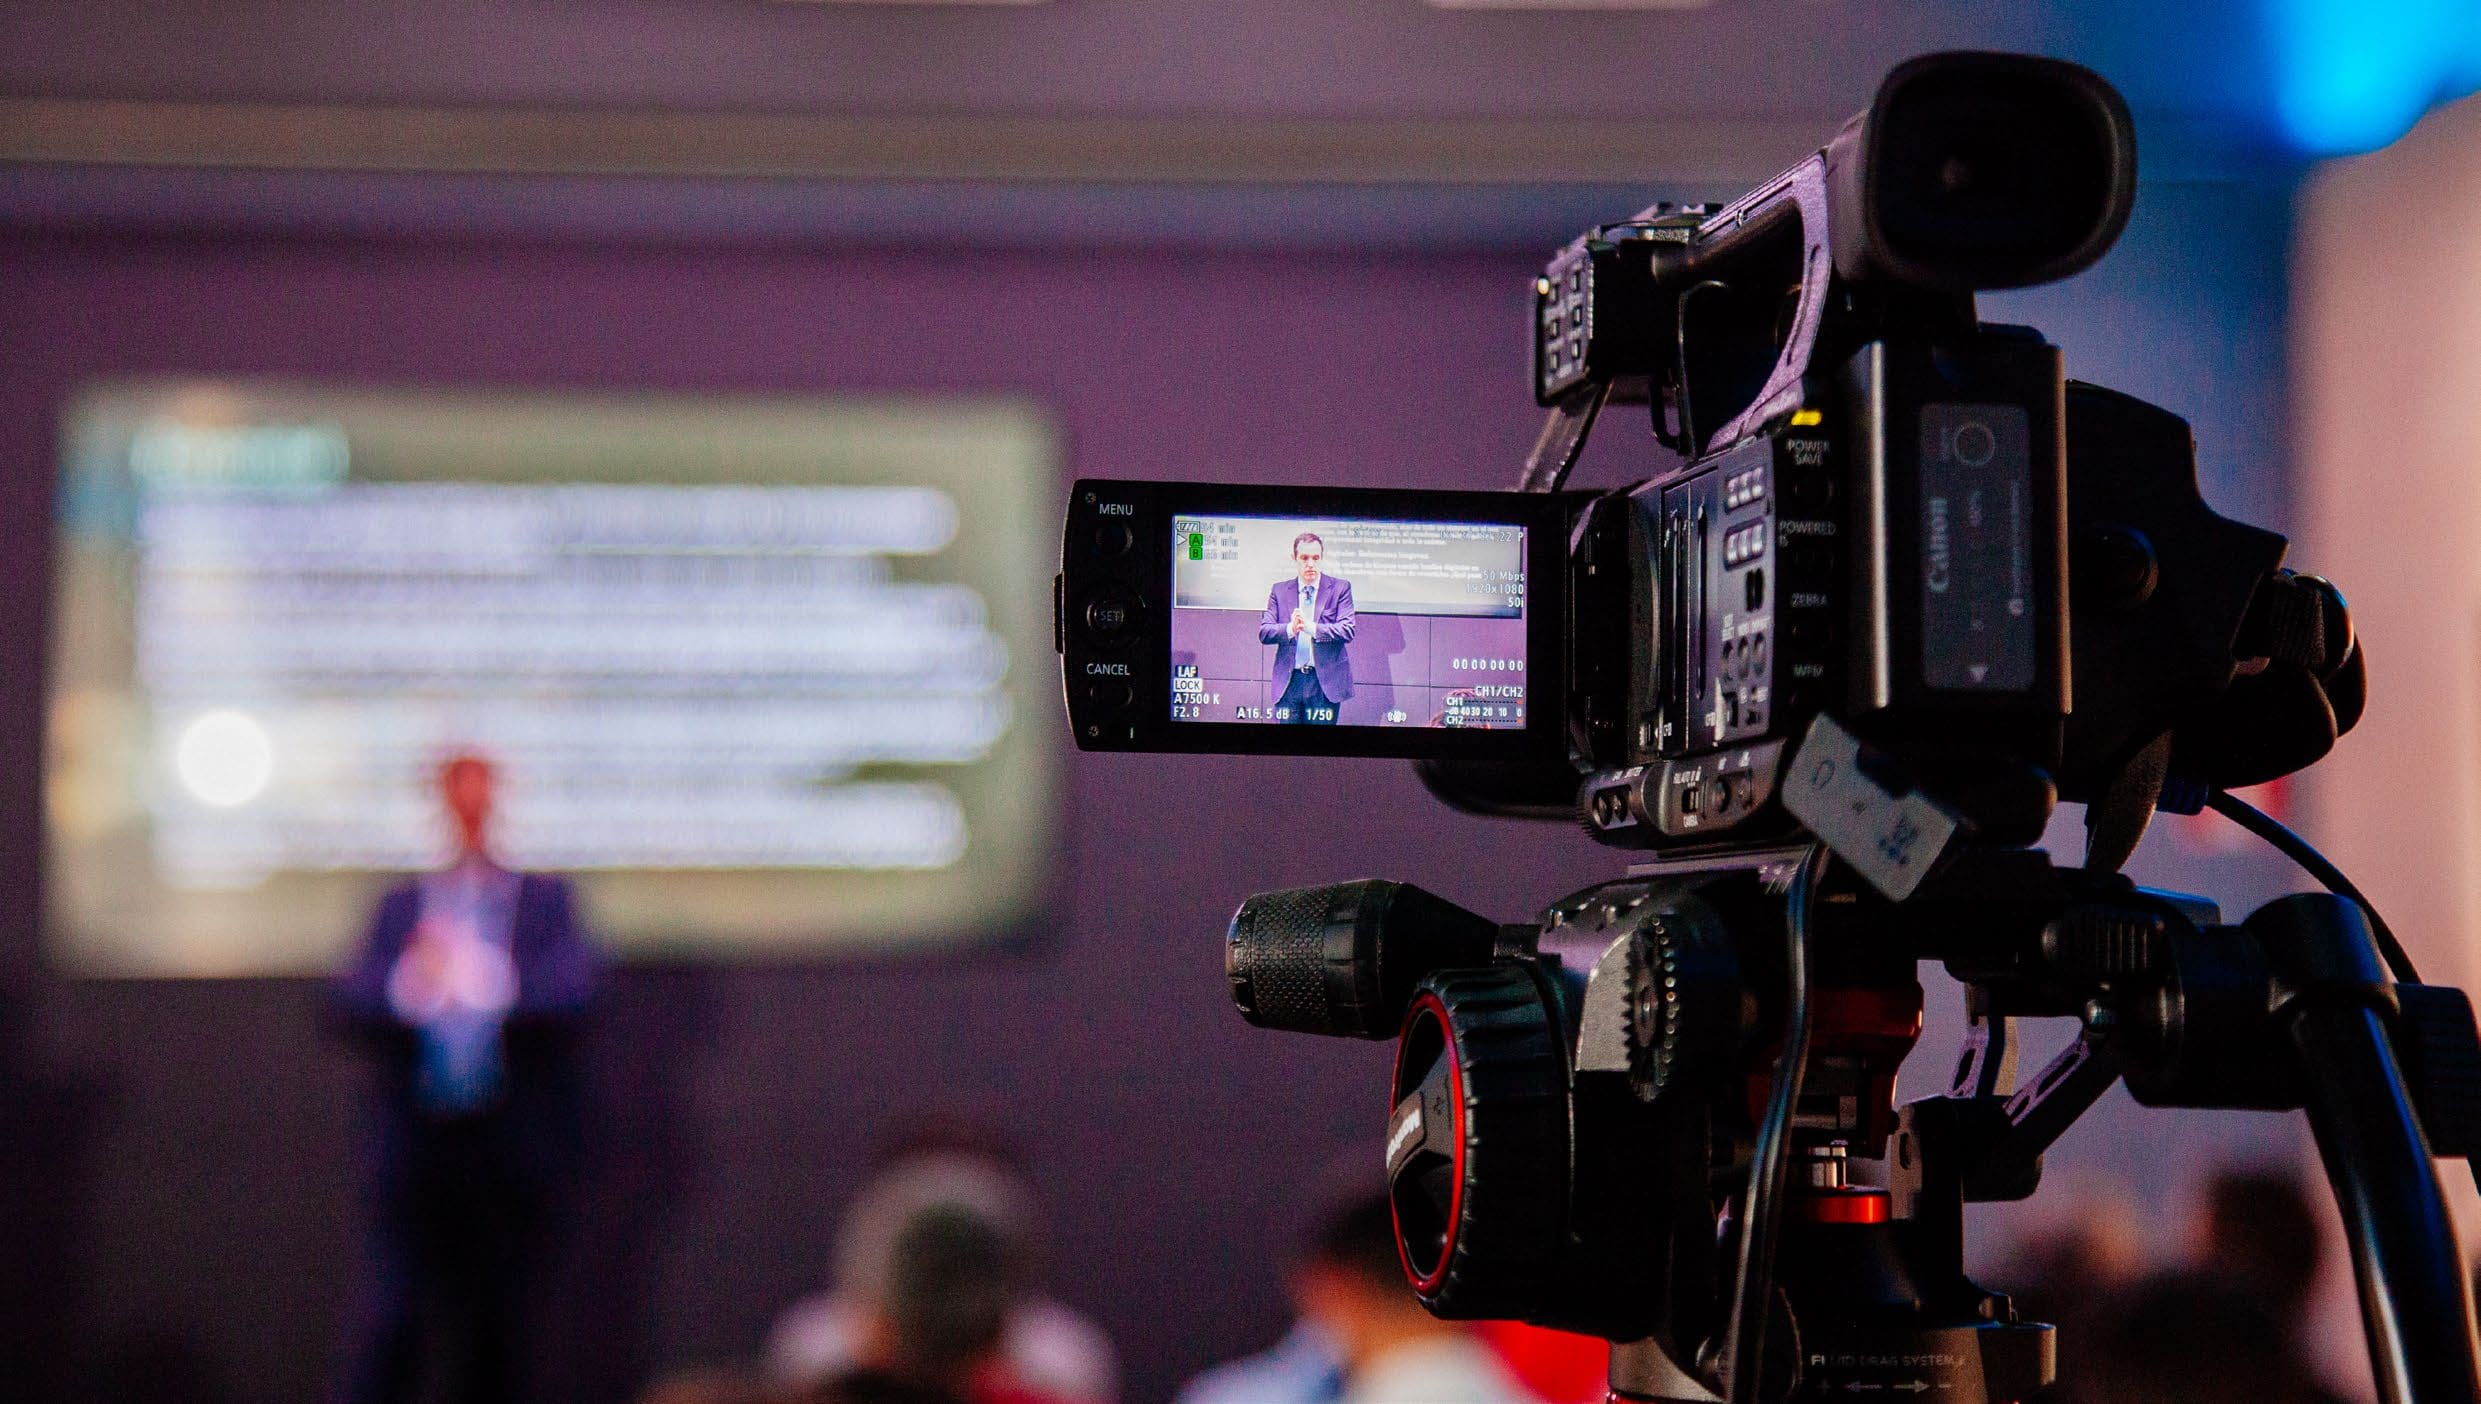 Cámara filmando una conferencia